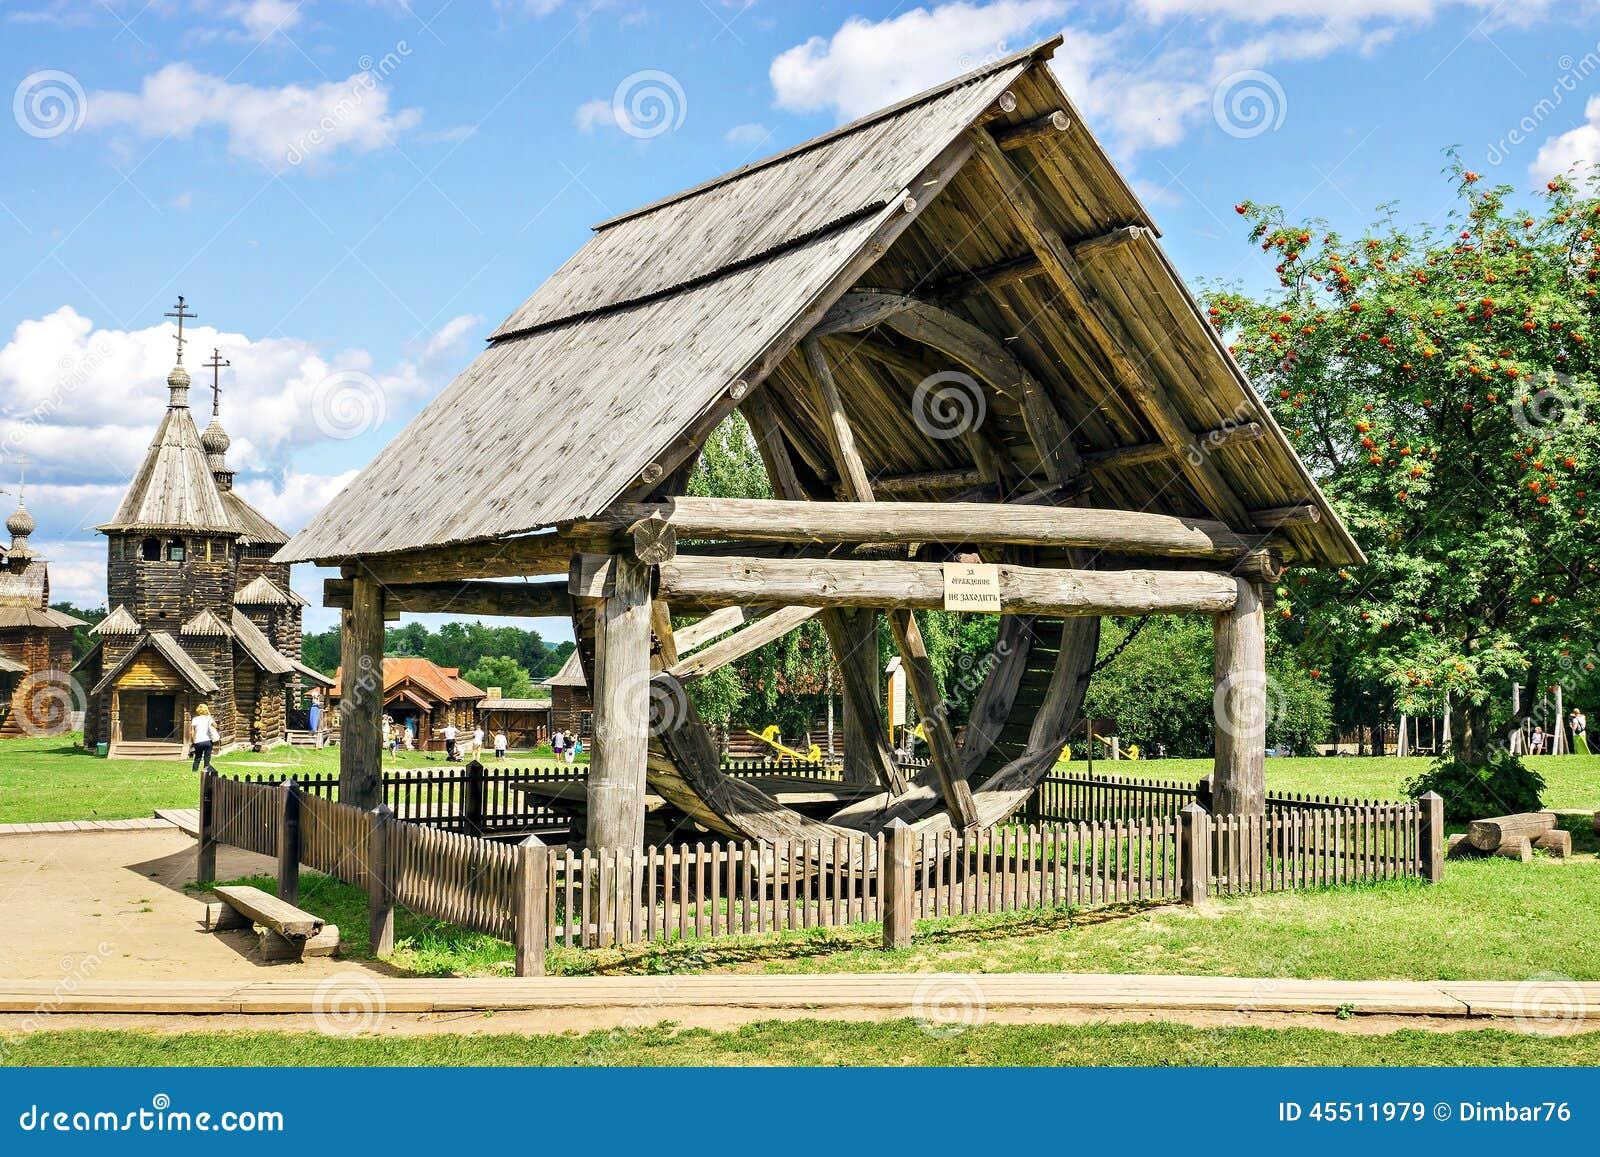 Museo de la arquitectura de madera en suzdal rusia foto - Arquitectura en madera ...